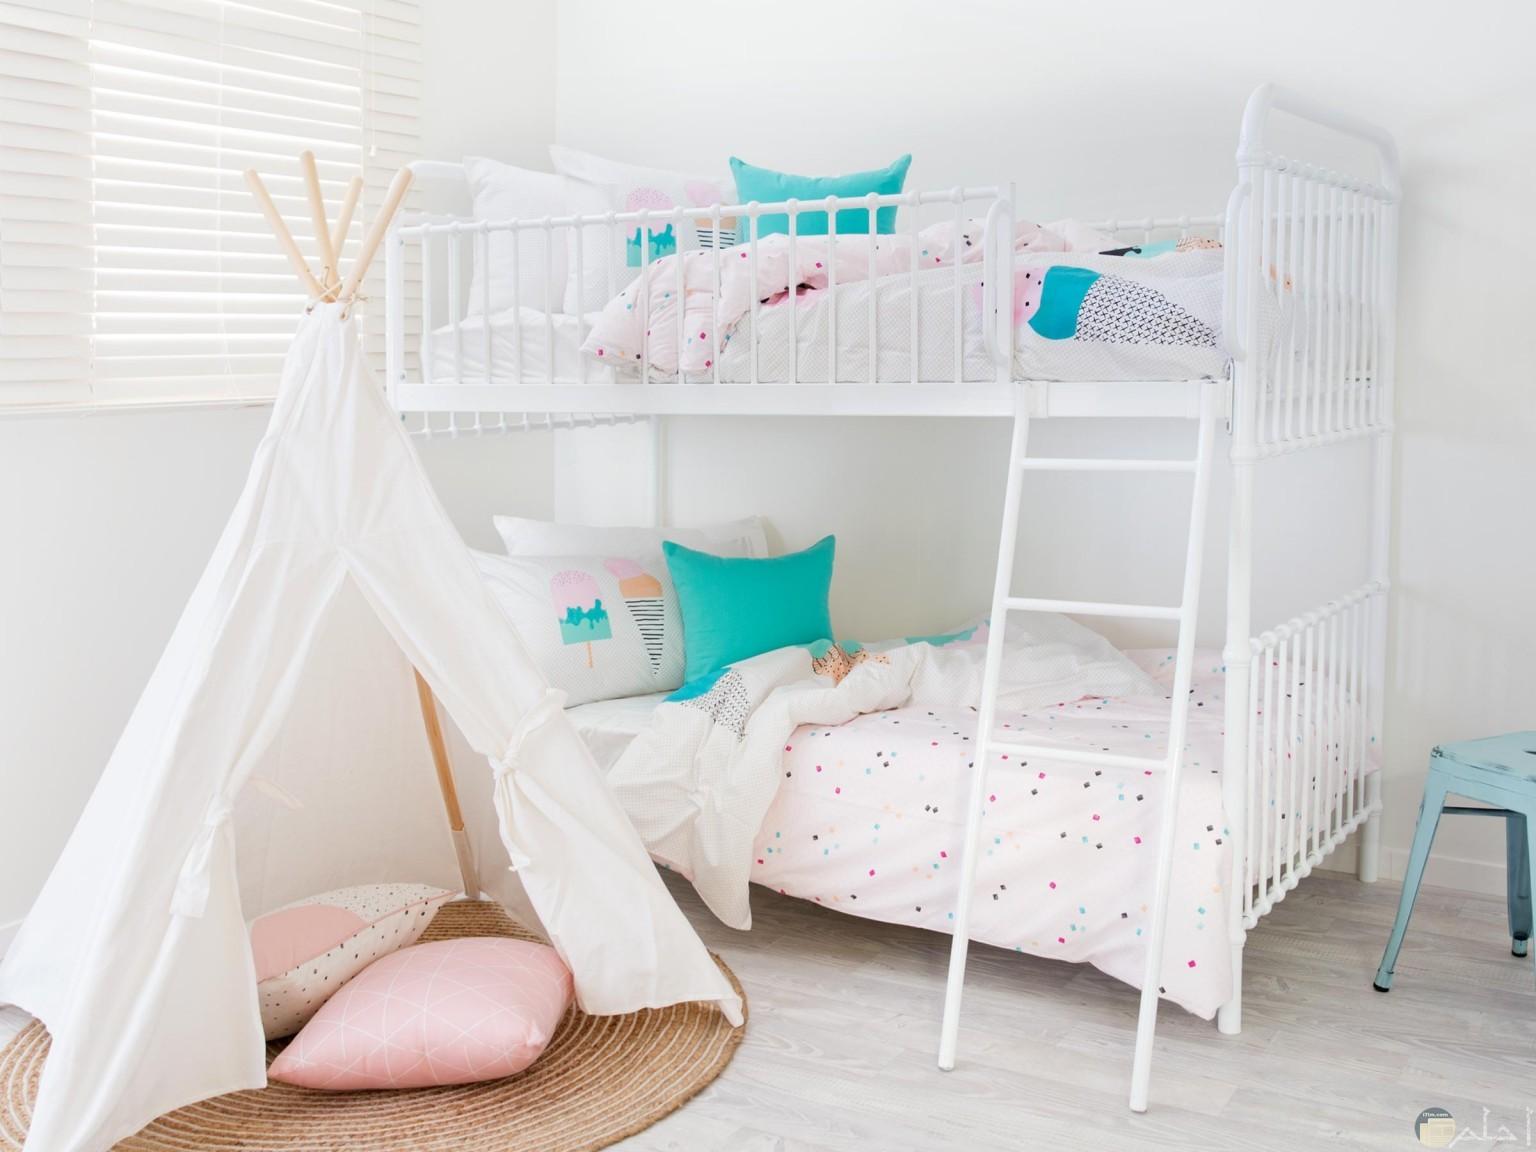 صورة غرفة نوم أطفال جميلة رائعة بسريرين ويغلب علي الغرفة اللون الأبيض